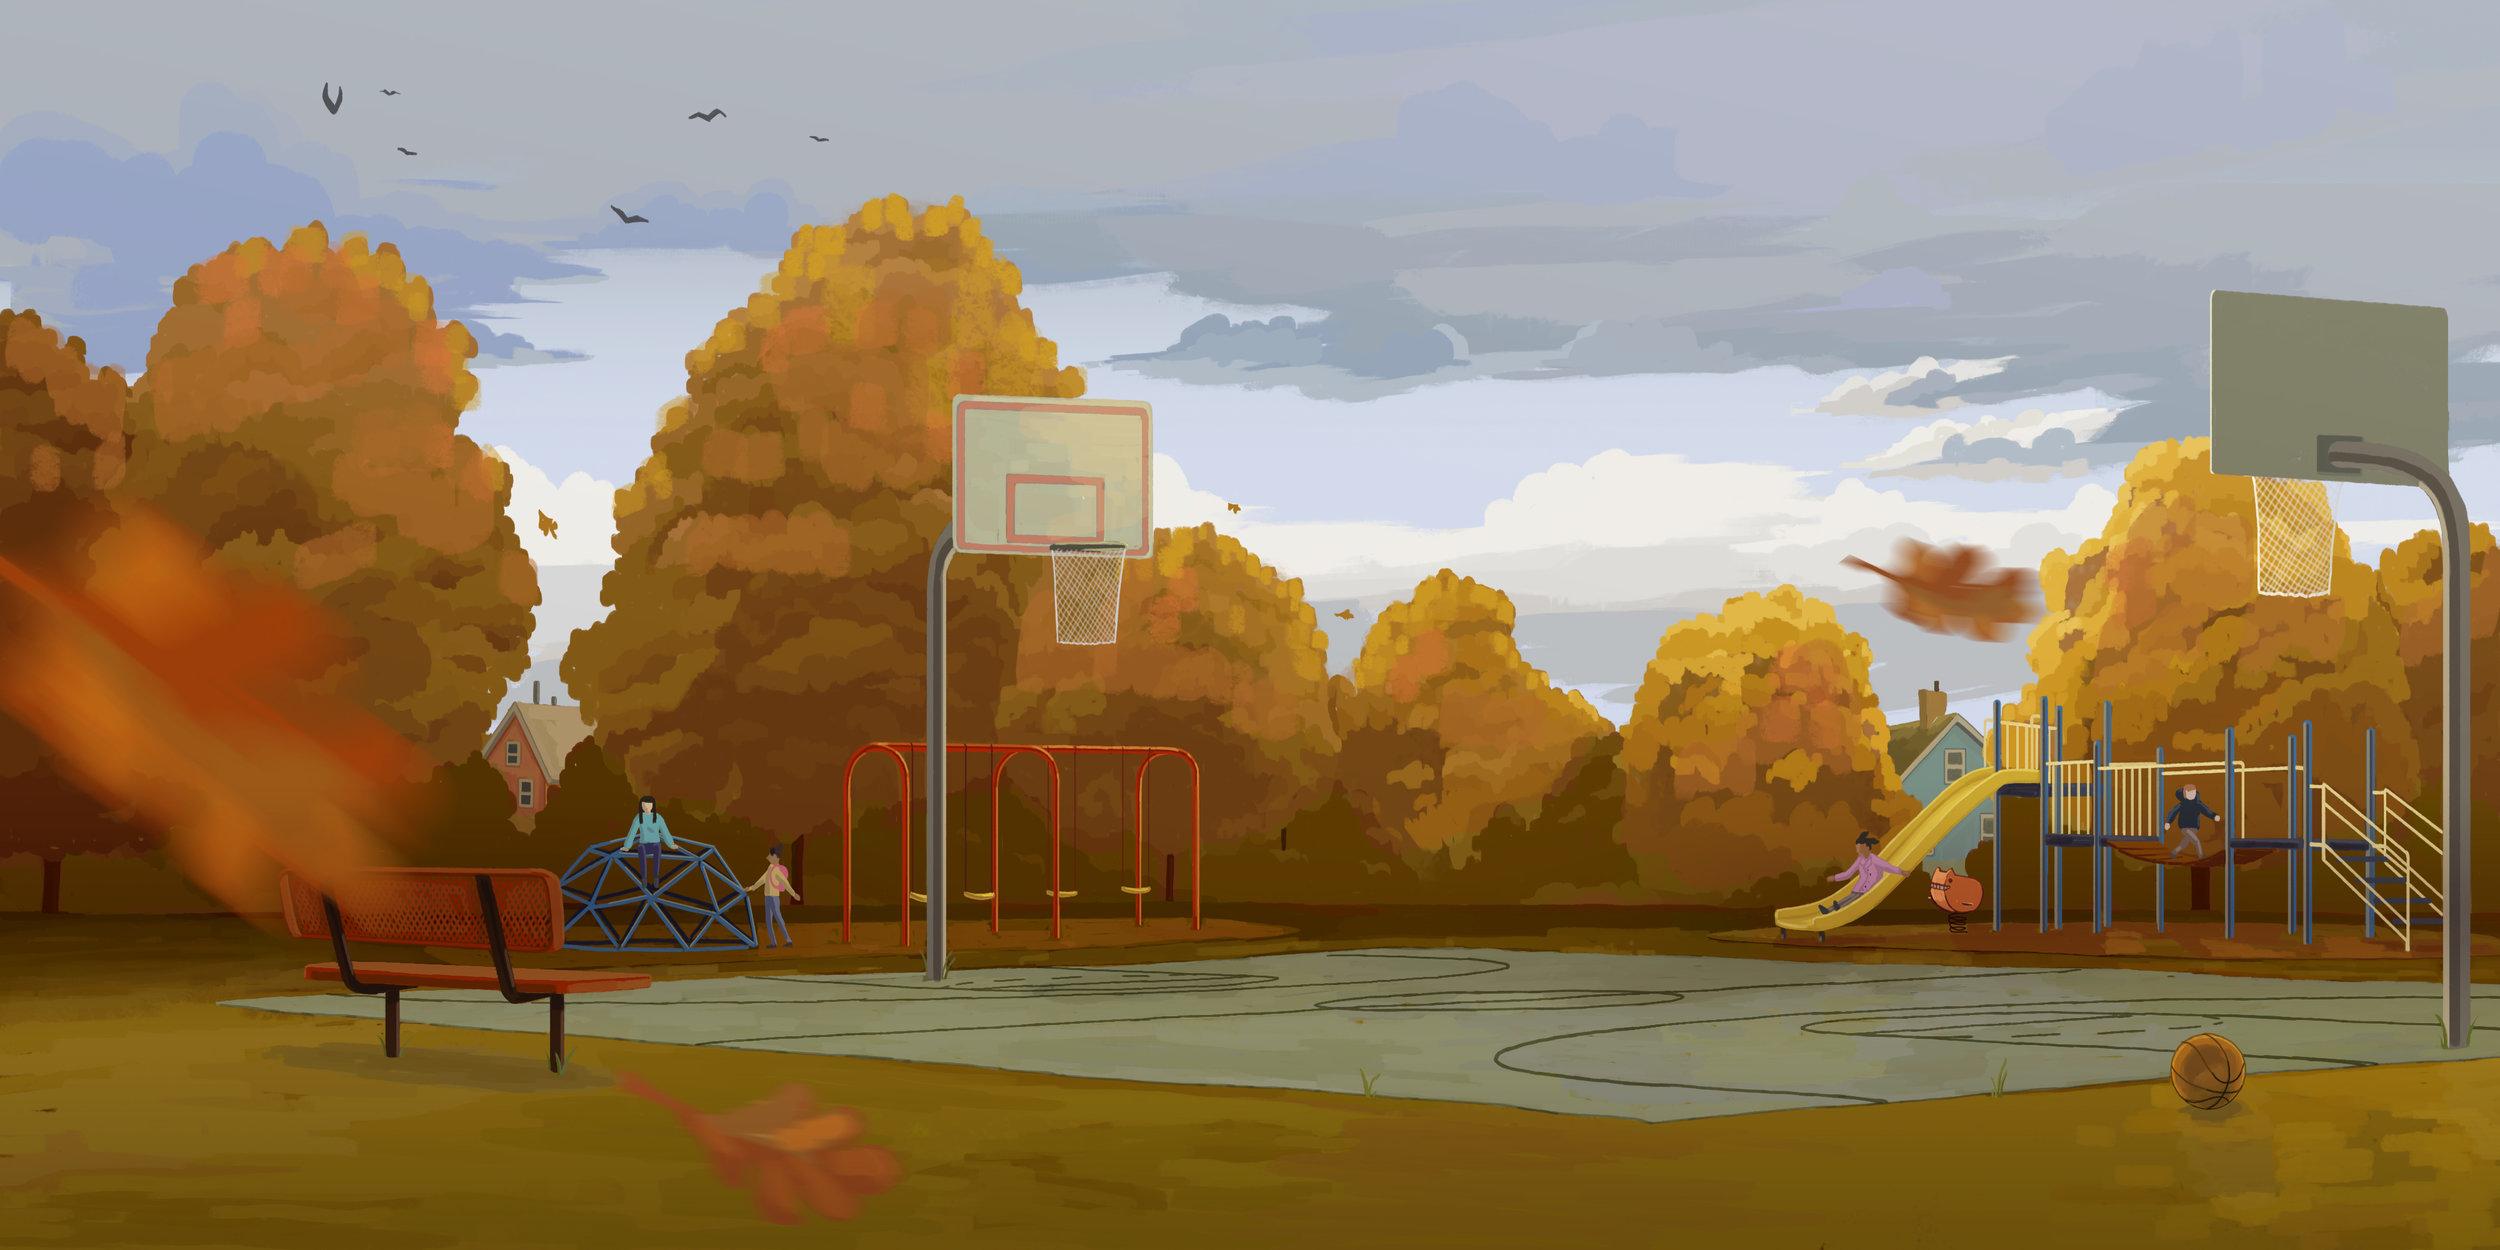 park_Frame_alt_v01.jpg